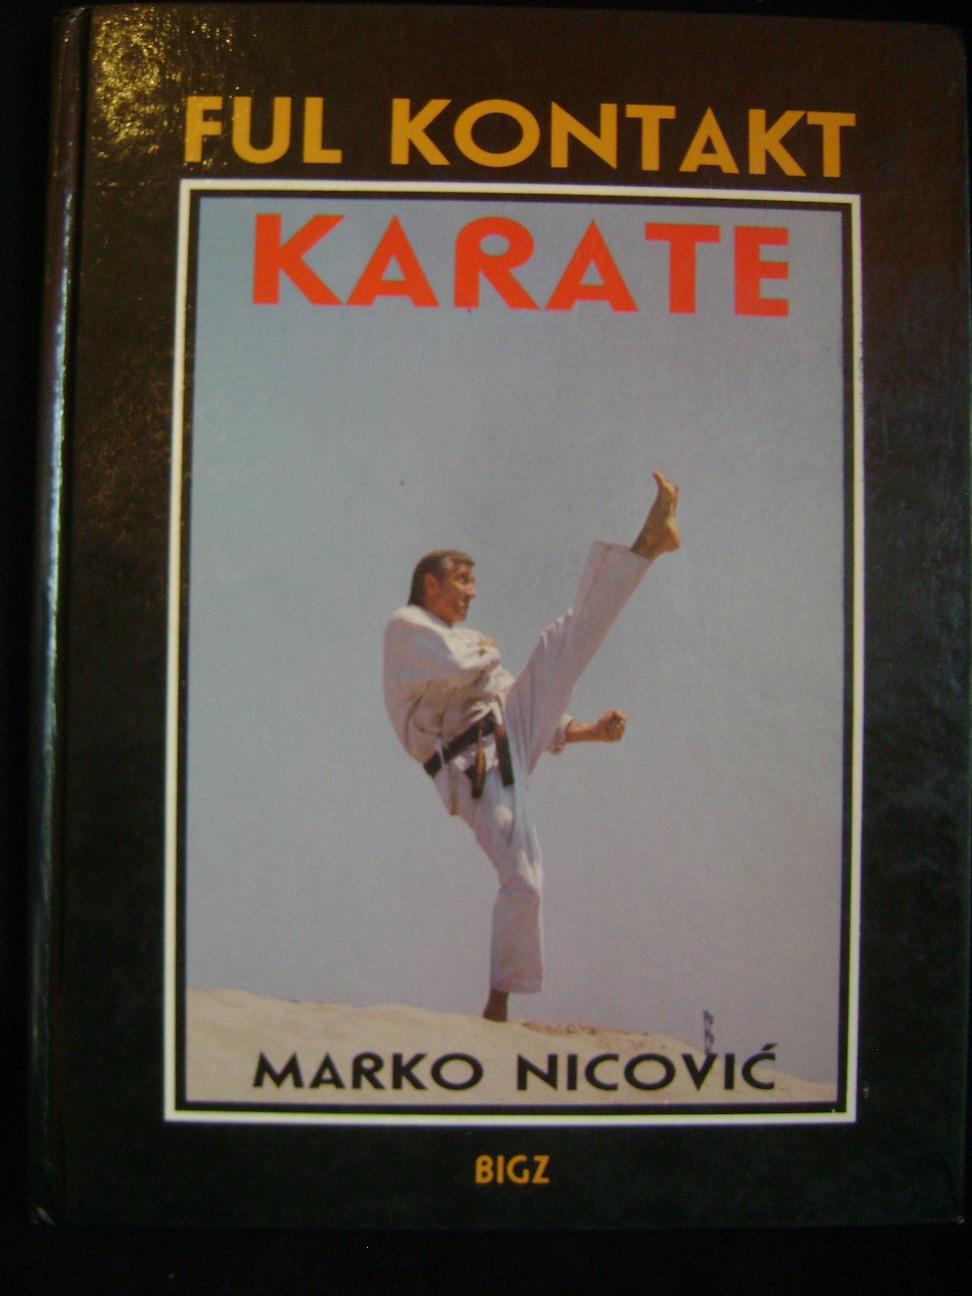 FUL_KONTAKT_KARATE_Marko_Nicovic__1.JPG